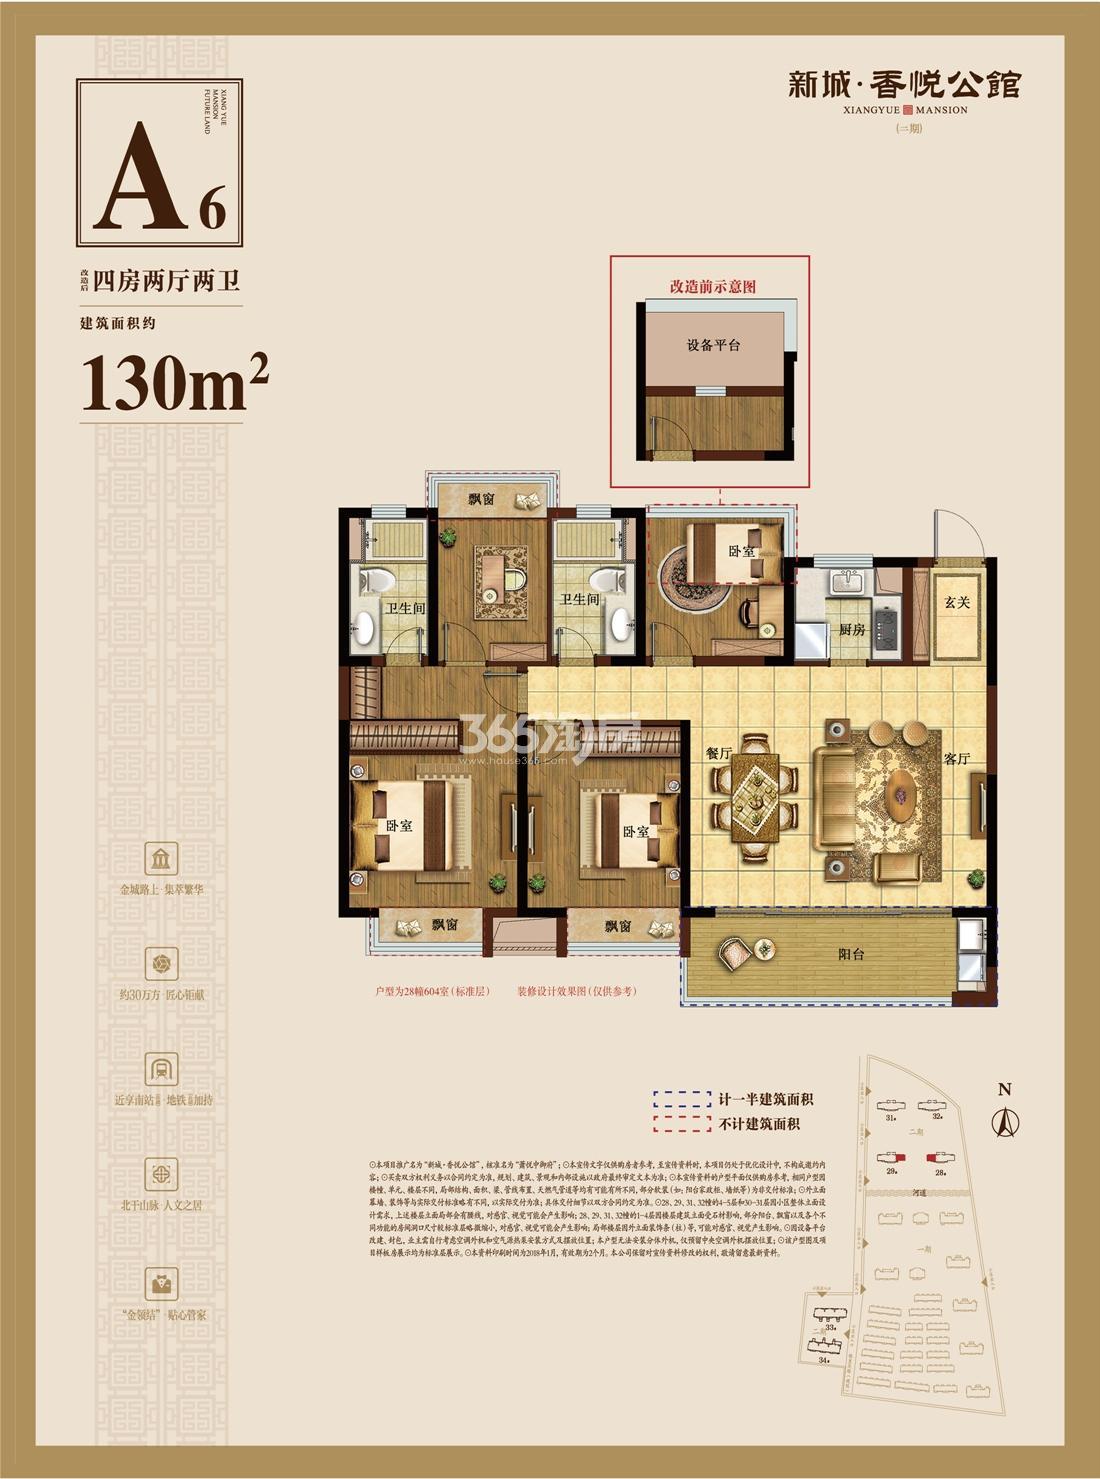 新城香悦公馆二期高层A6户型130方(28、29#)